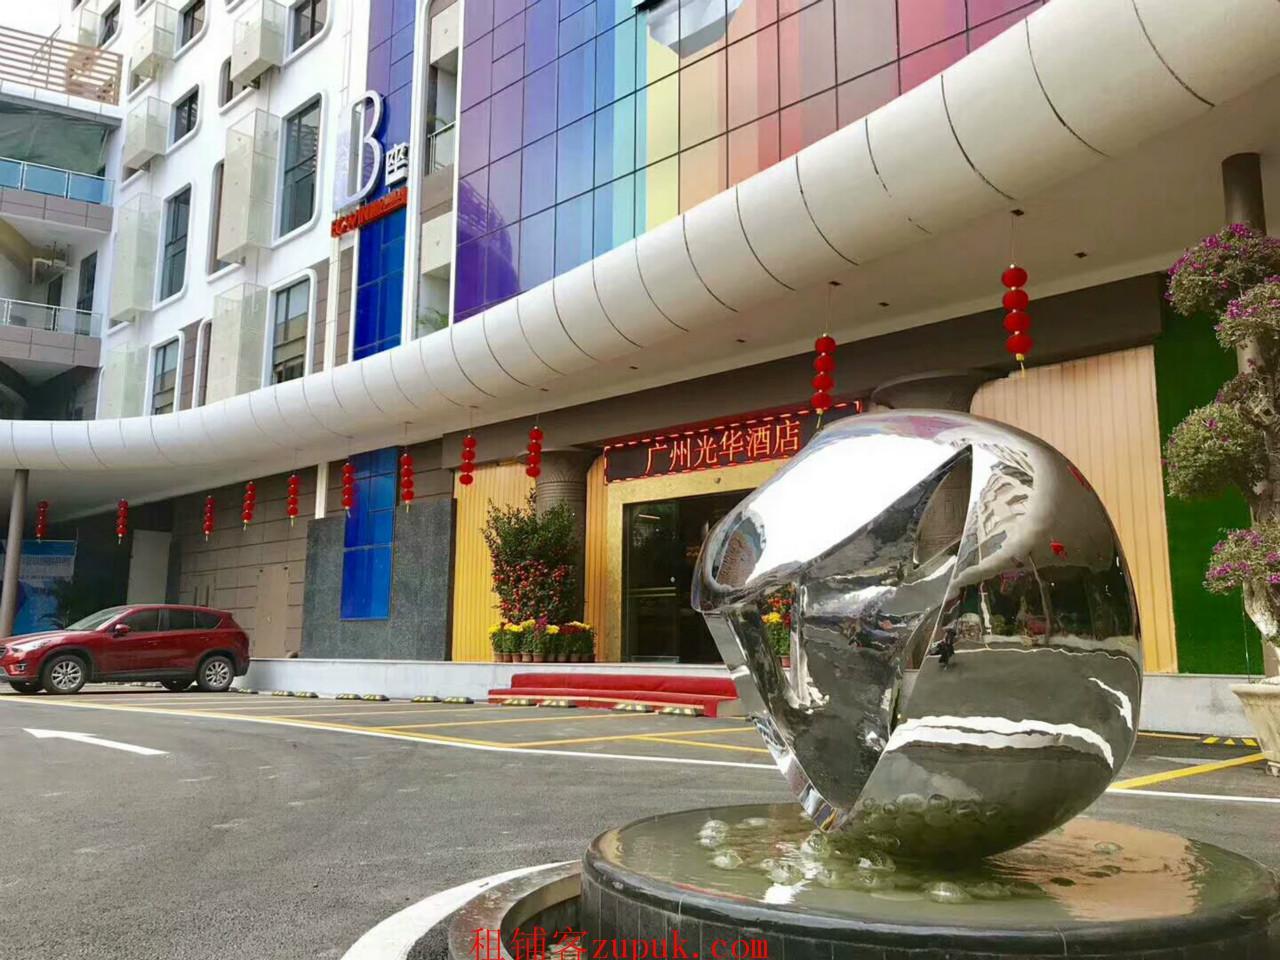 番禺广场 用完梦乐城旁1千方临街商铺出租 诚邀中西餐饮进驻